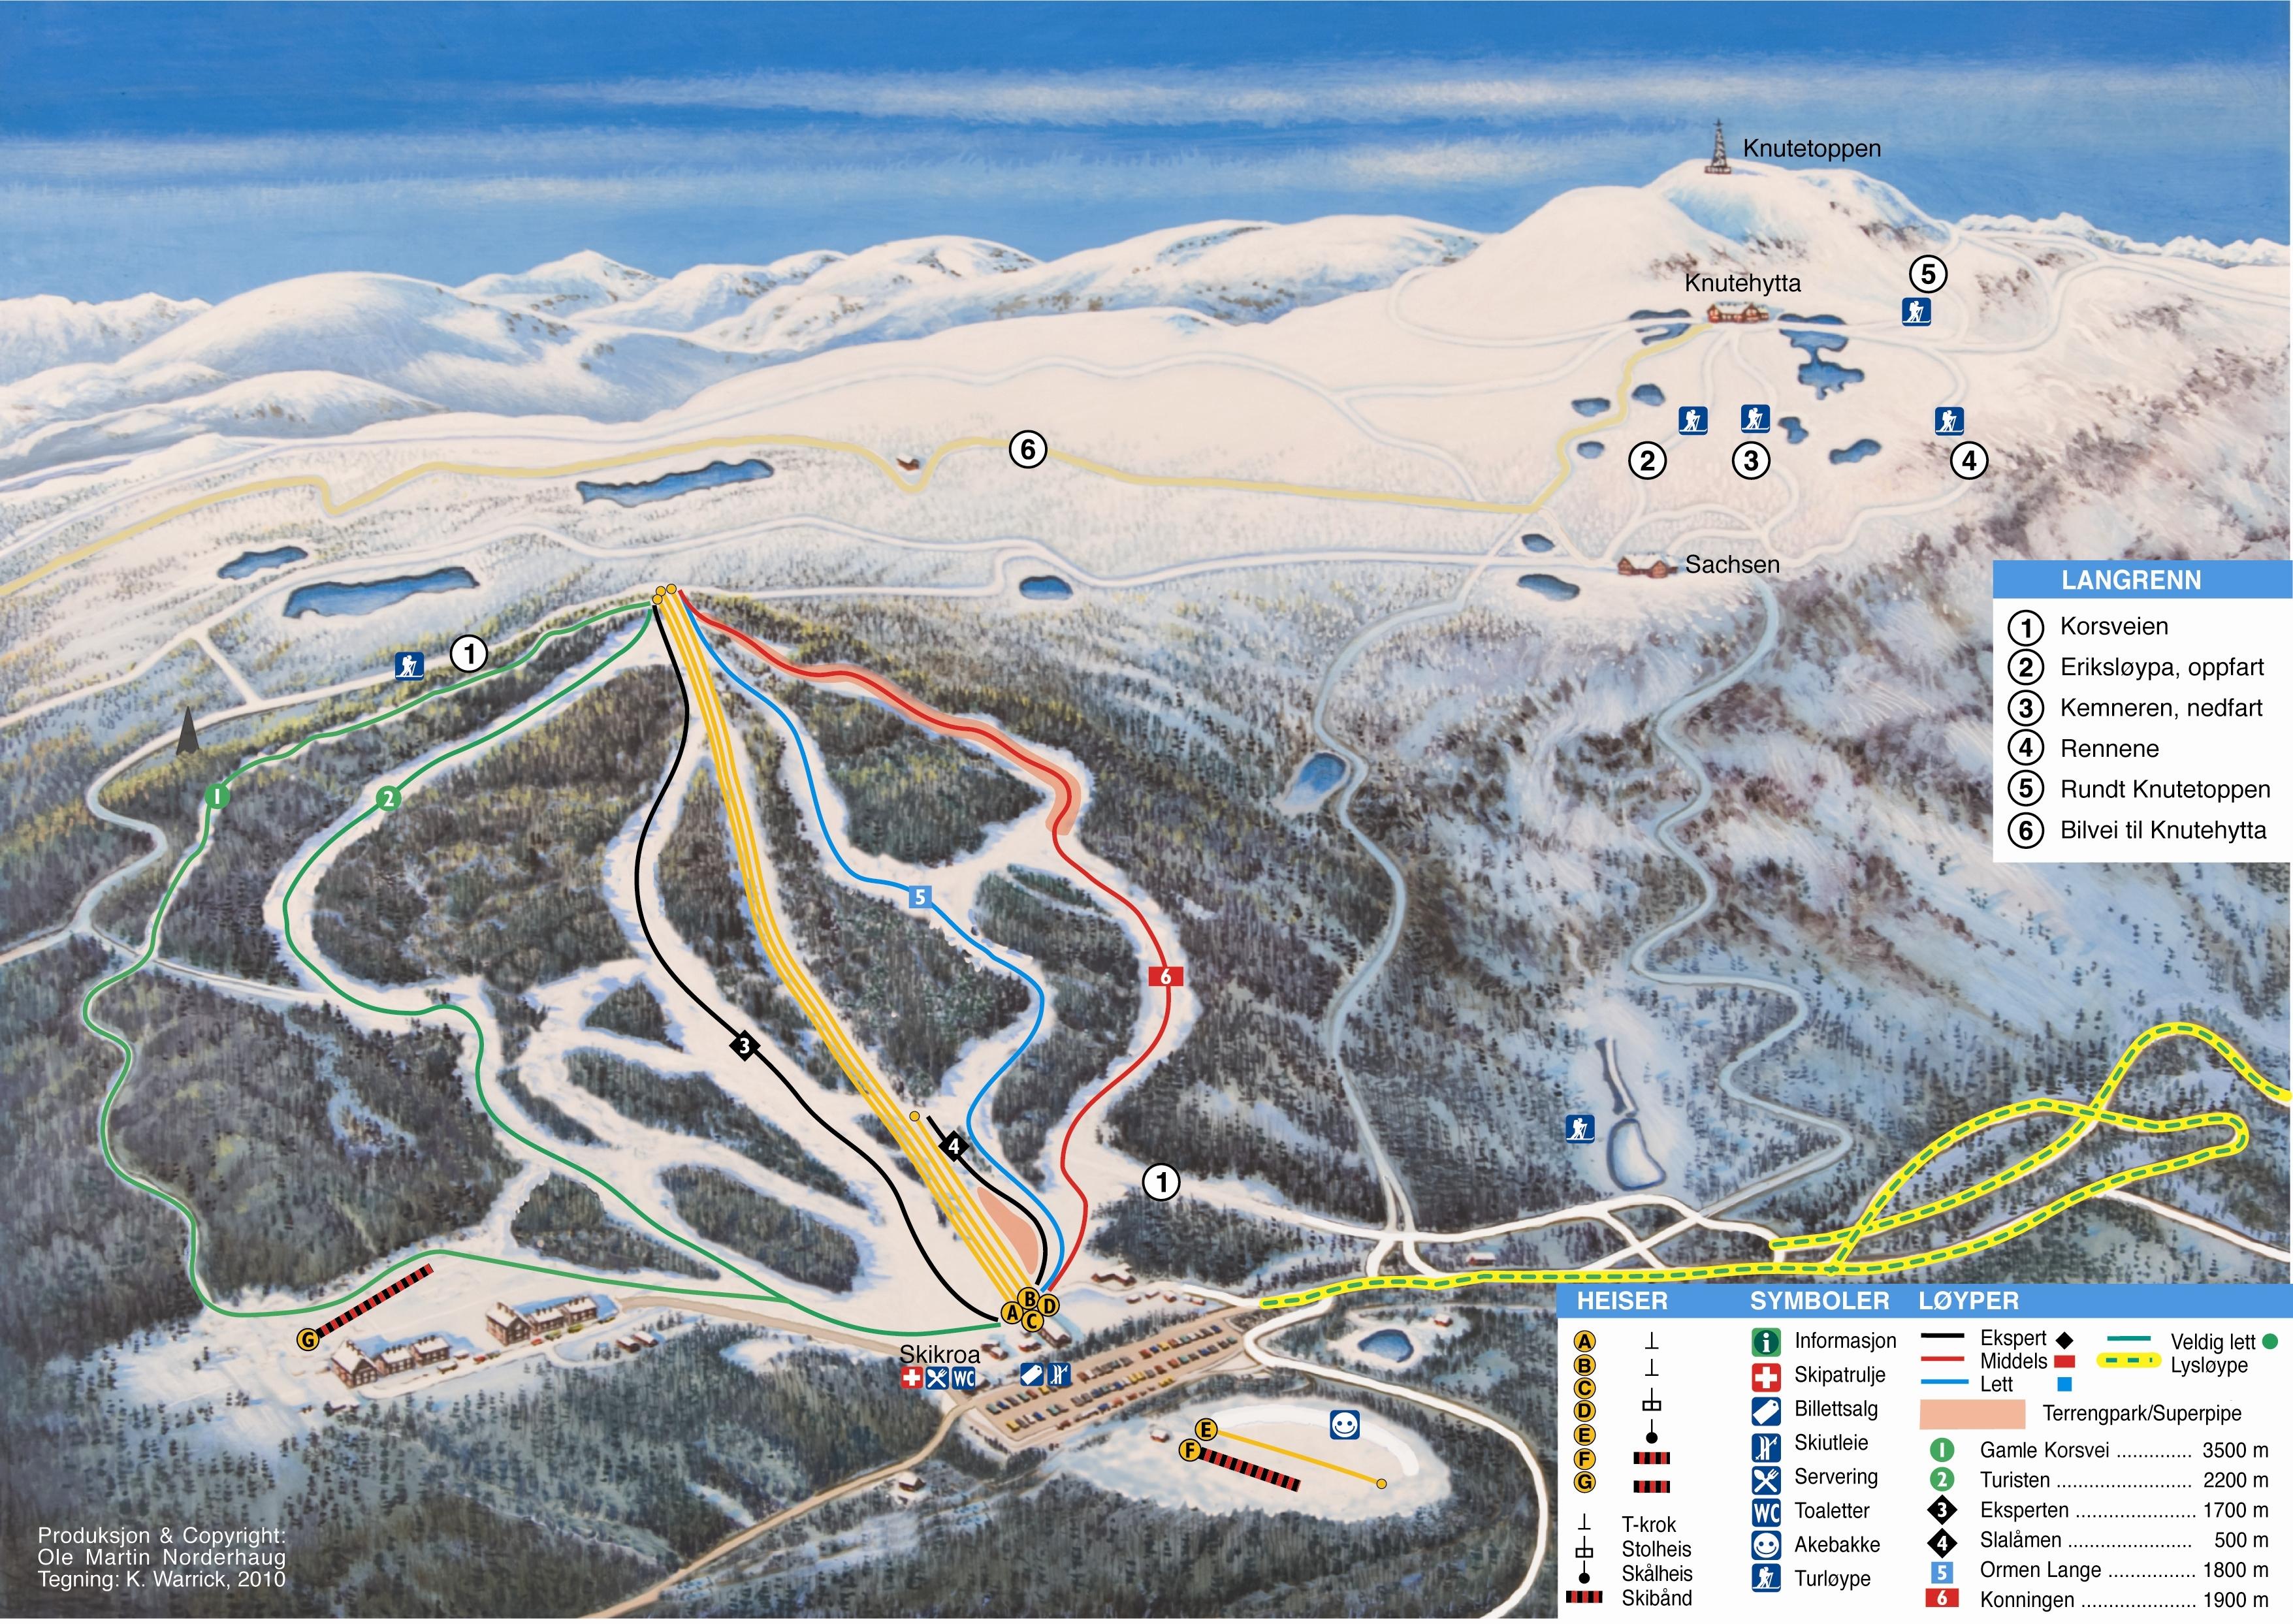 kart over skisteder alpene Skikart og løypekart for Kongsberg Skisenter   Skiinfo.no kart over skisteder alpene